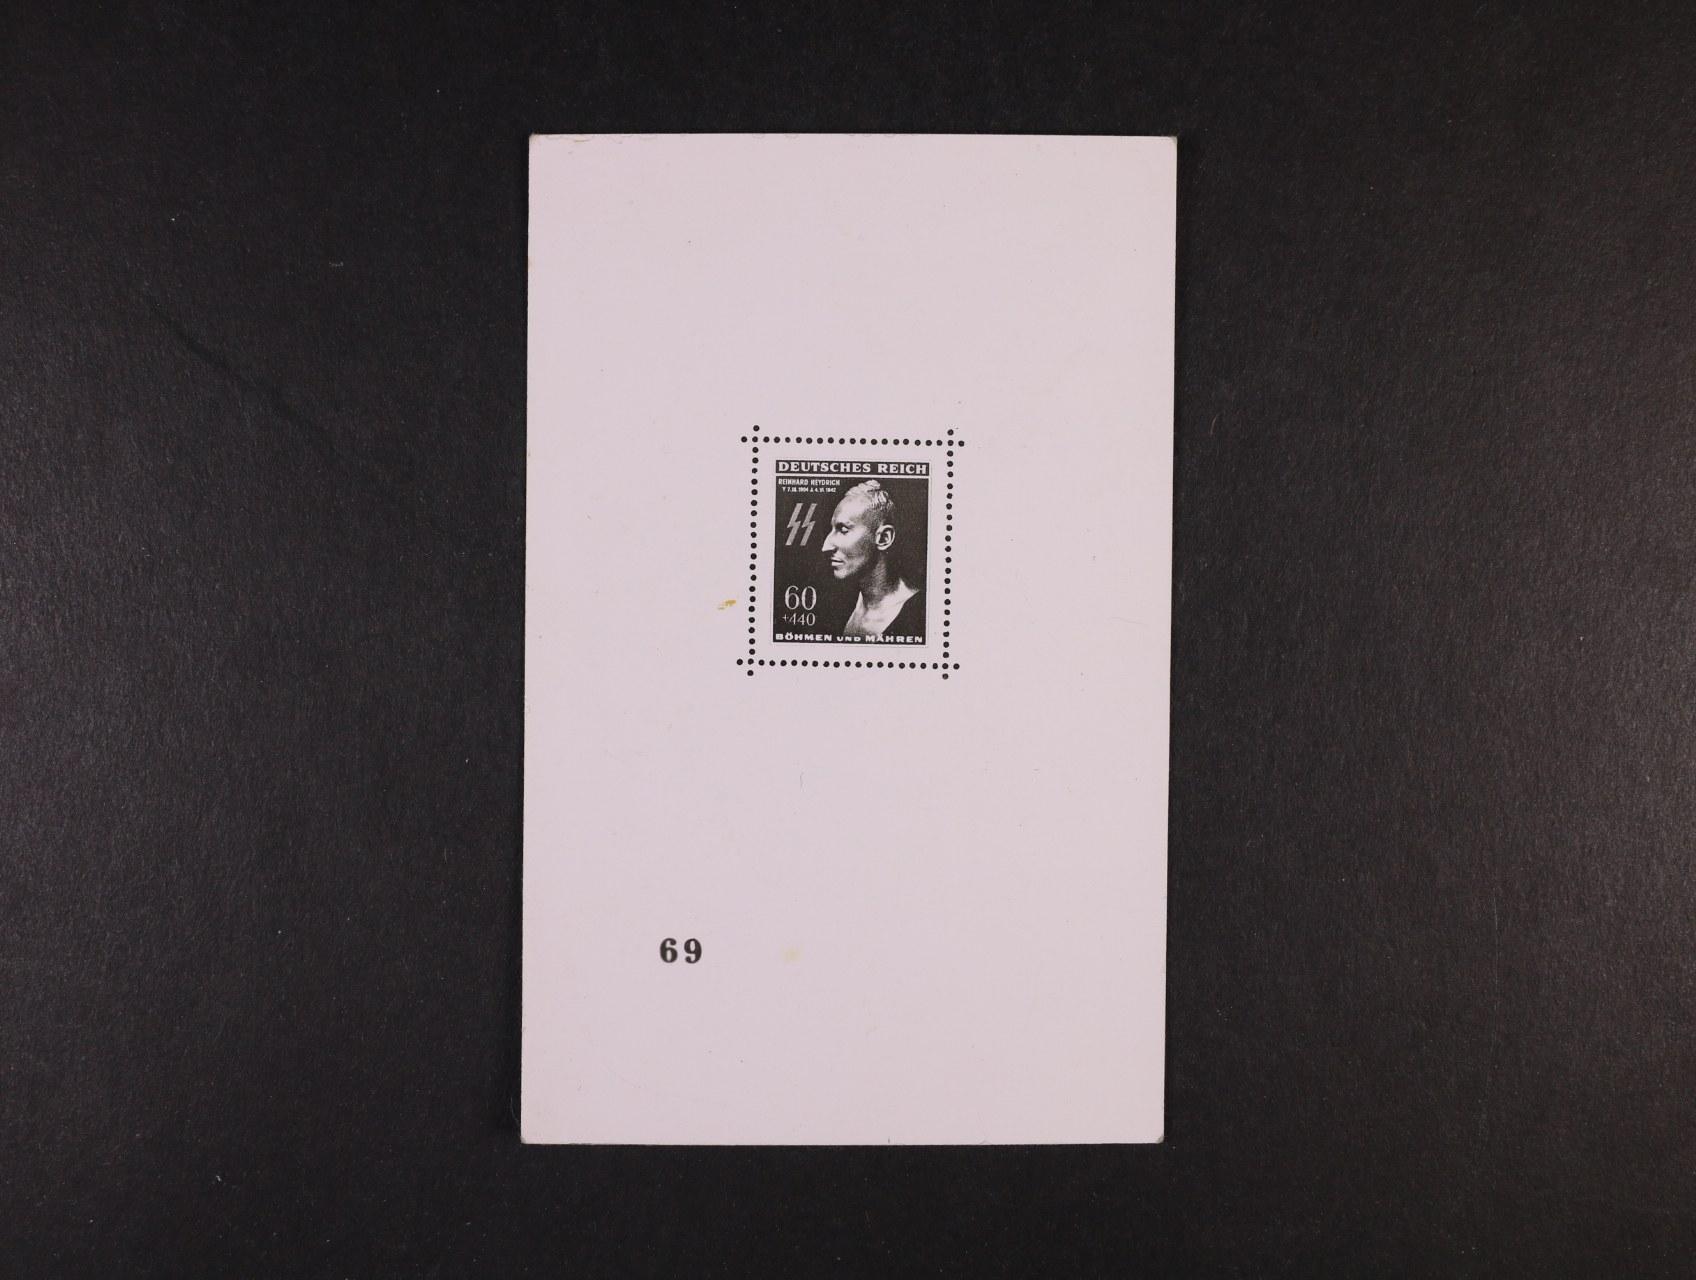 fotopohlednice s kopií Heidrichova aršíku s číslem 69, nepoužitá